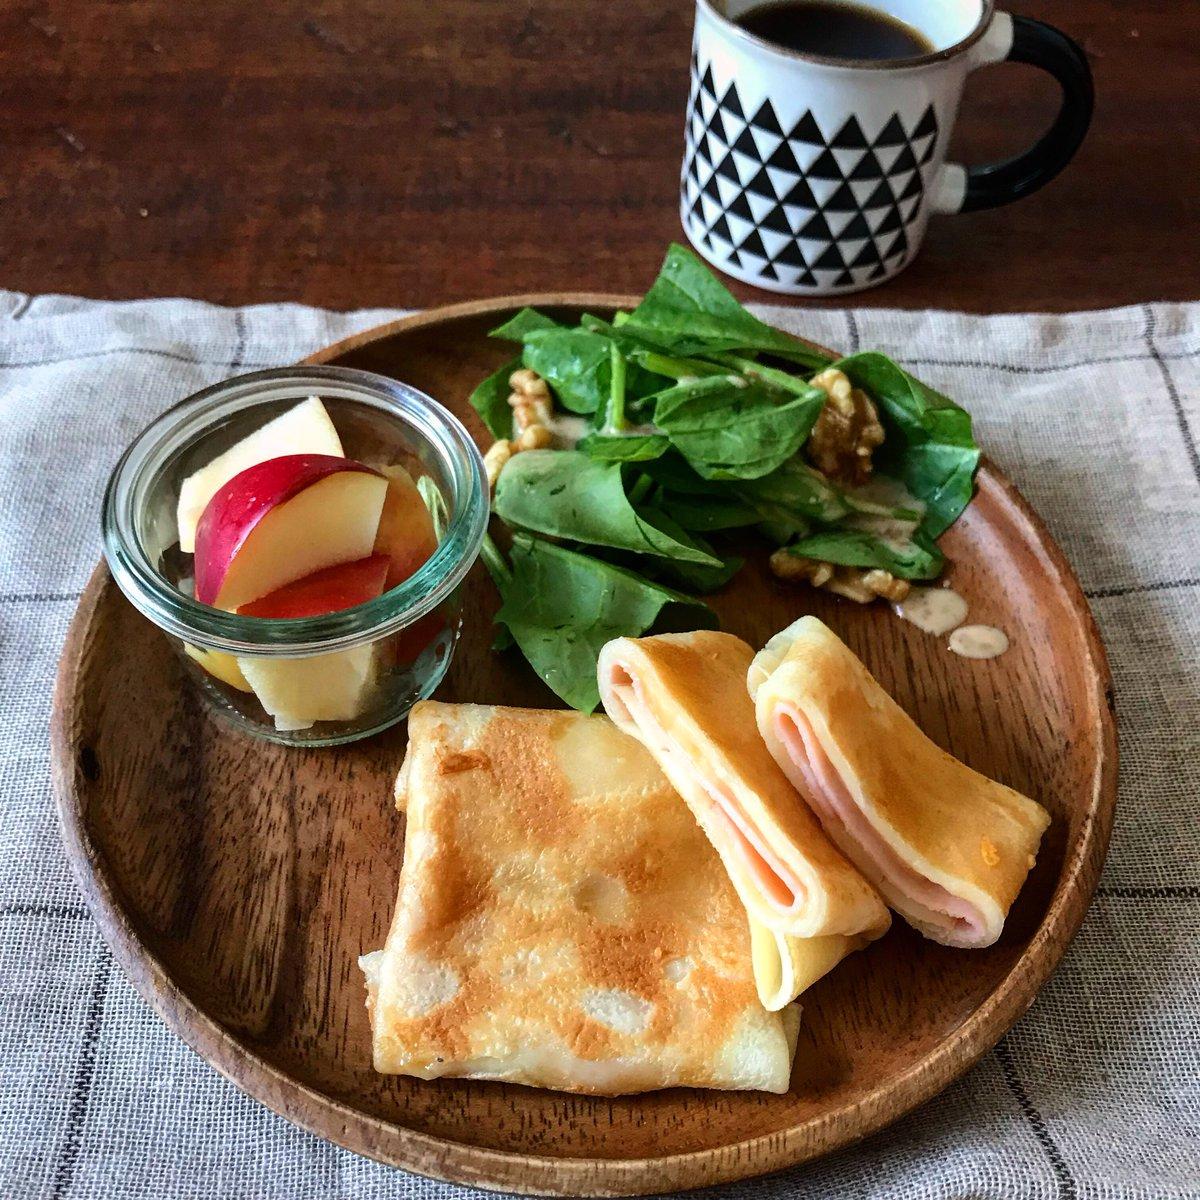 【レシピ】『もちもちハムチーズブリトー』生地作りわずか1分